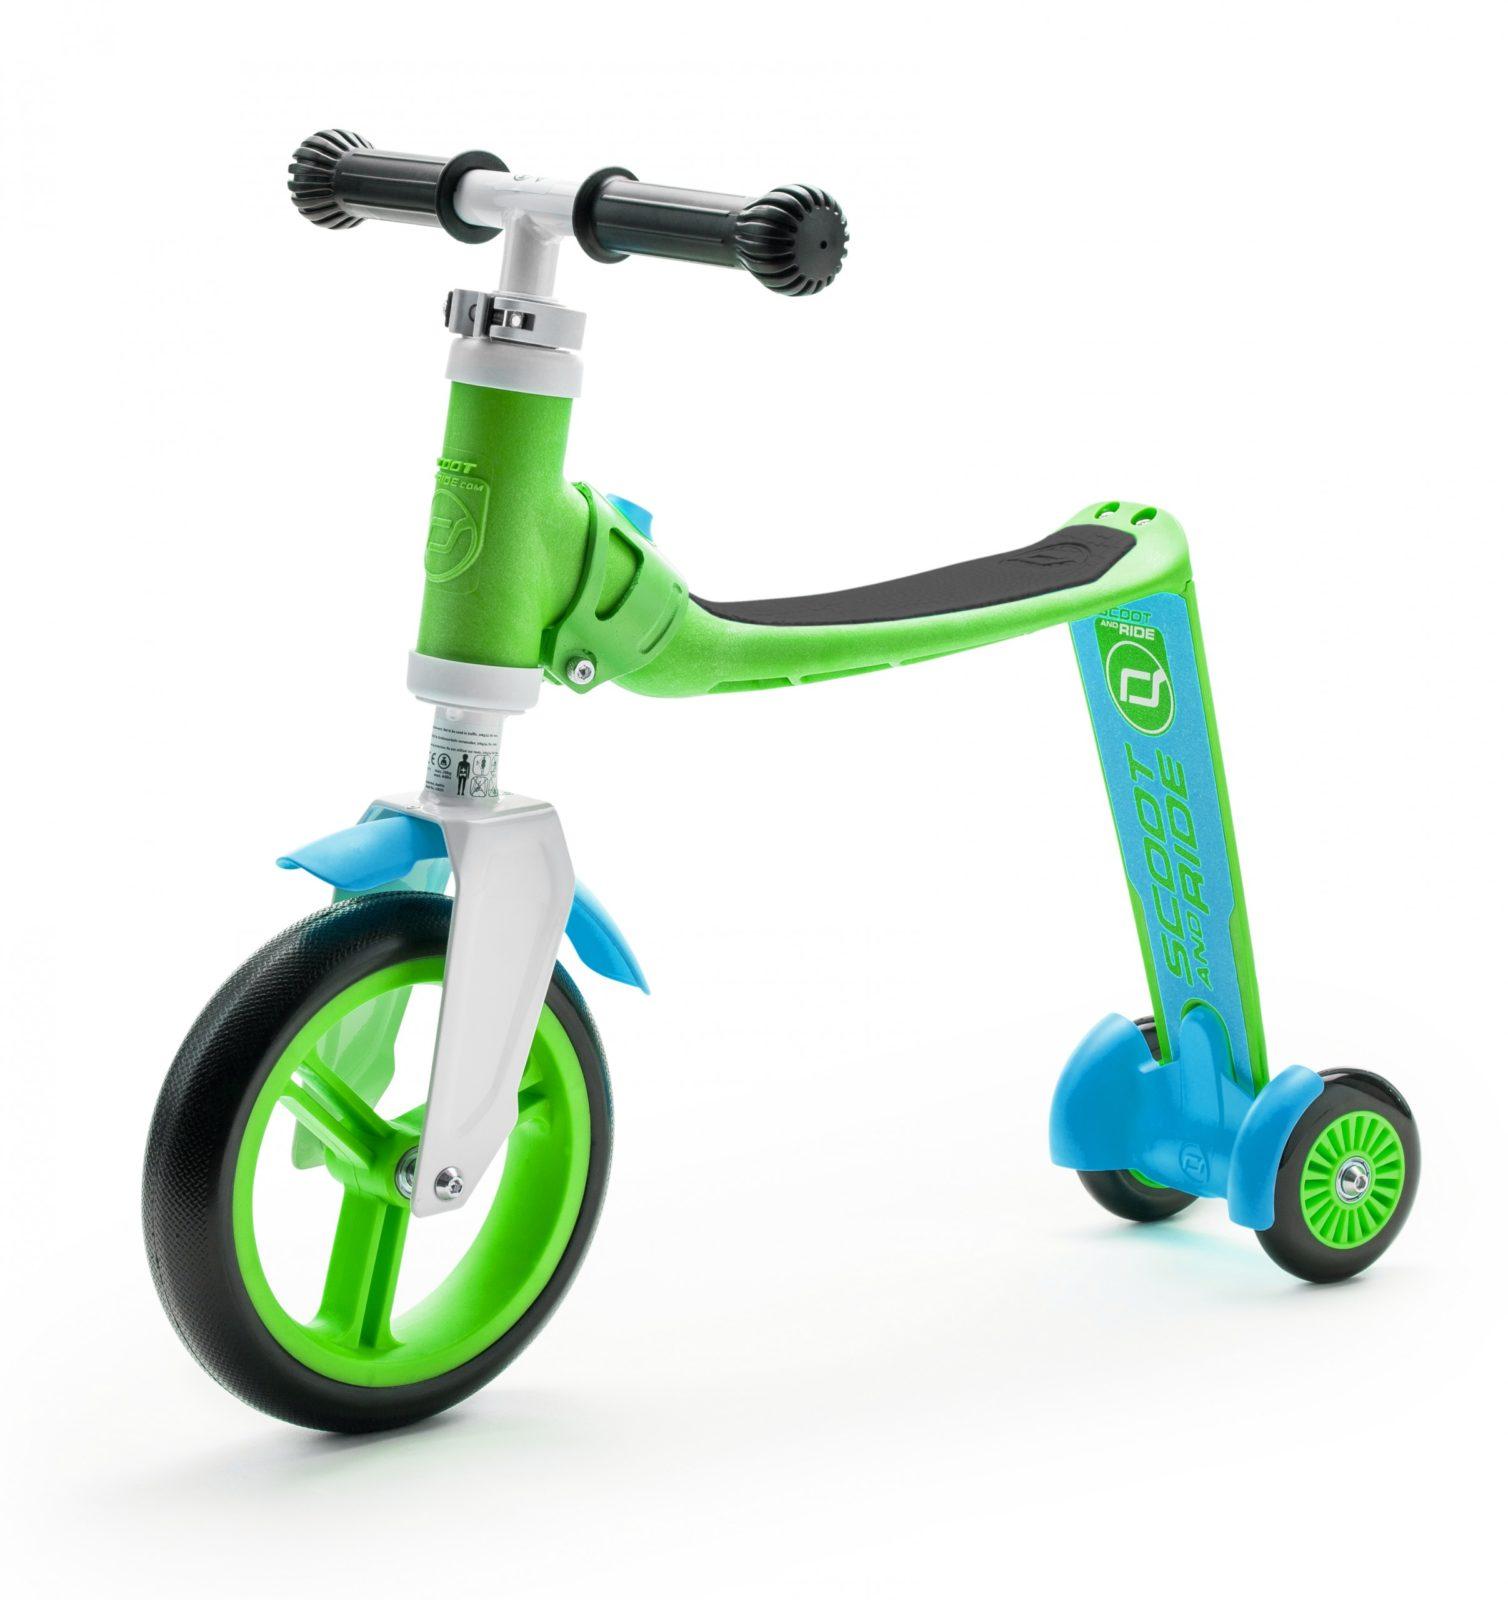 """Das Modell """"Highwaybaby+"""" von Scoot & Ride lässt sich als Tretroller oder als Laufrad nutzen, indem der Sitz einfach zur Stehfläche umgedreht werden kann. Ab 89,90 Euro. www.scootandride.at"""